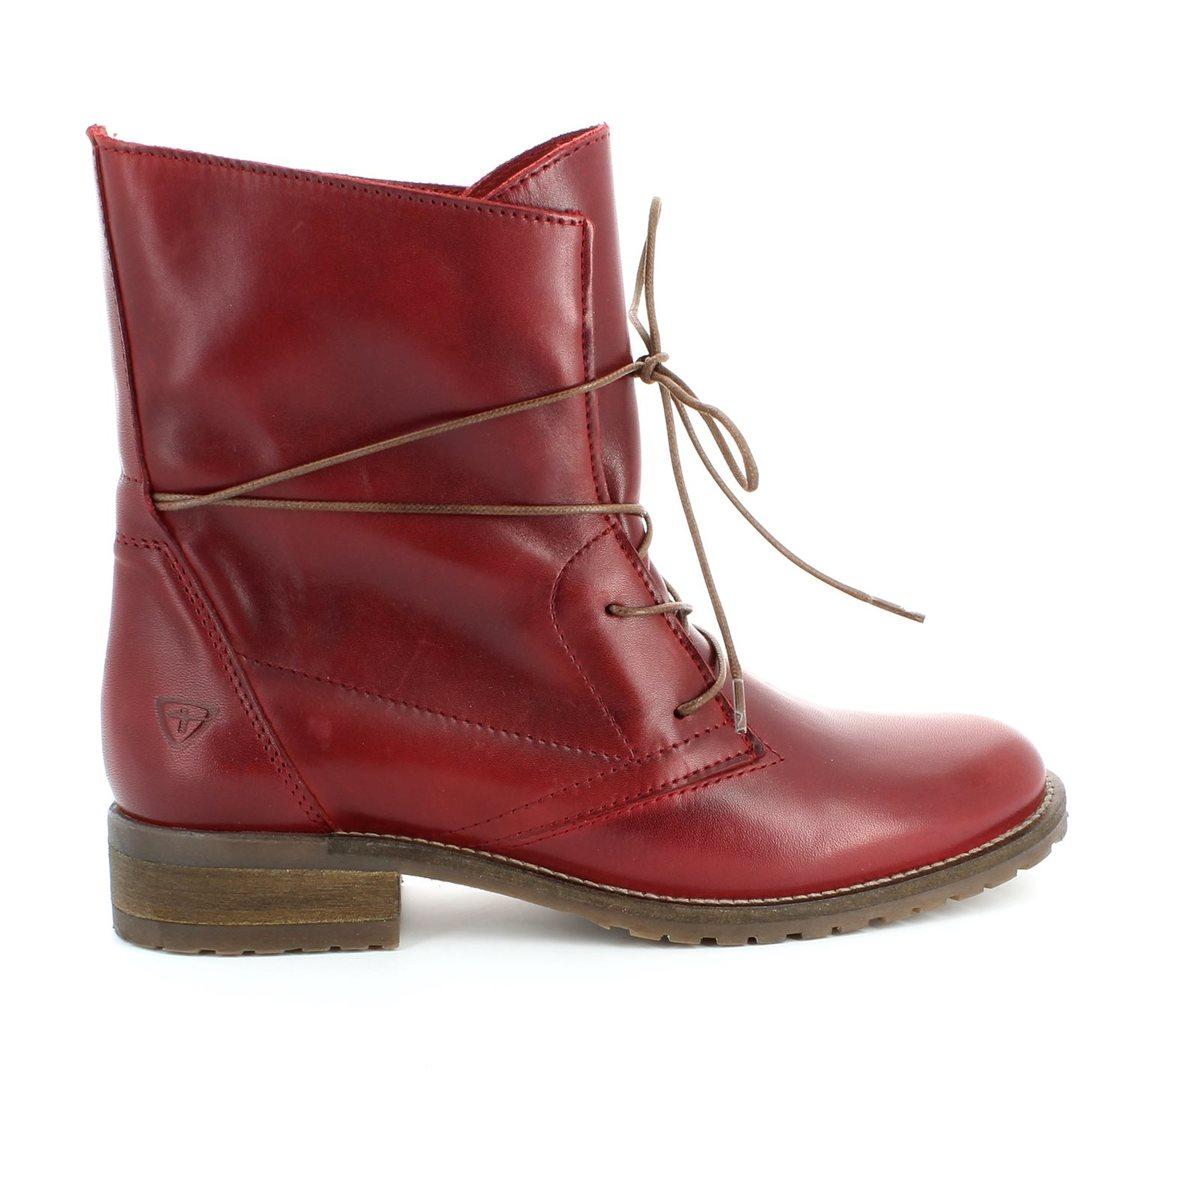 tamaris brit 25262 501 red ankle boots. Black Bedroom Furniture Sets. Home Design Ideas